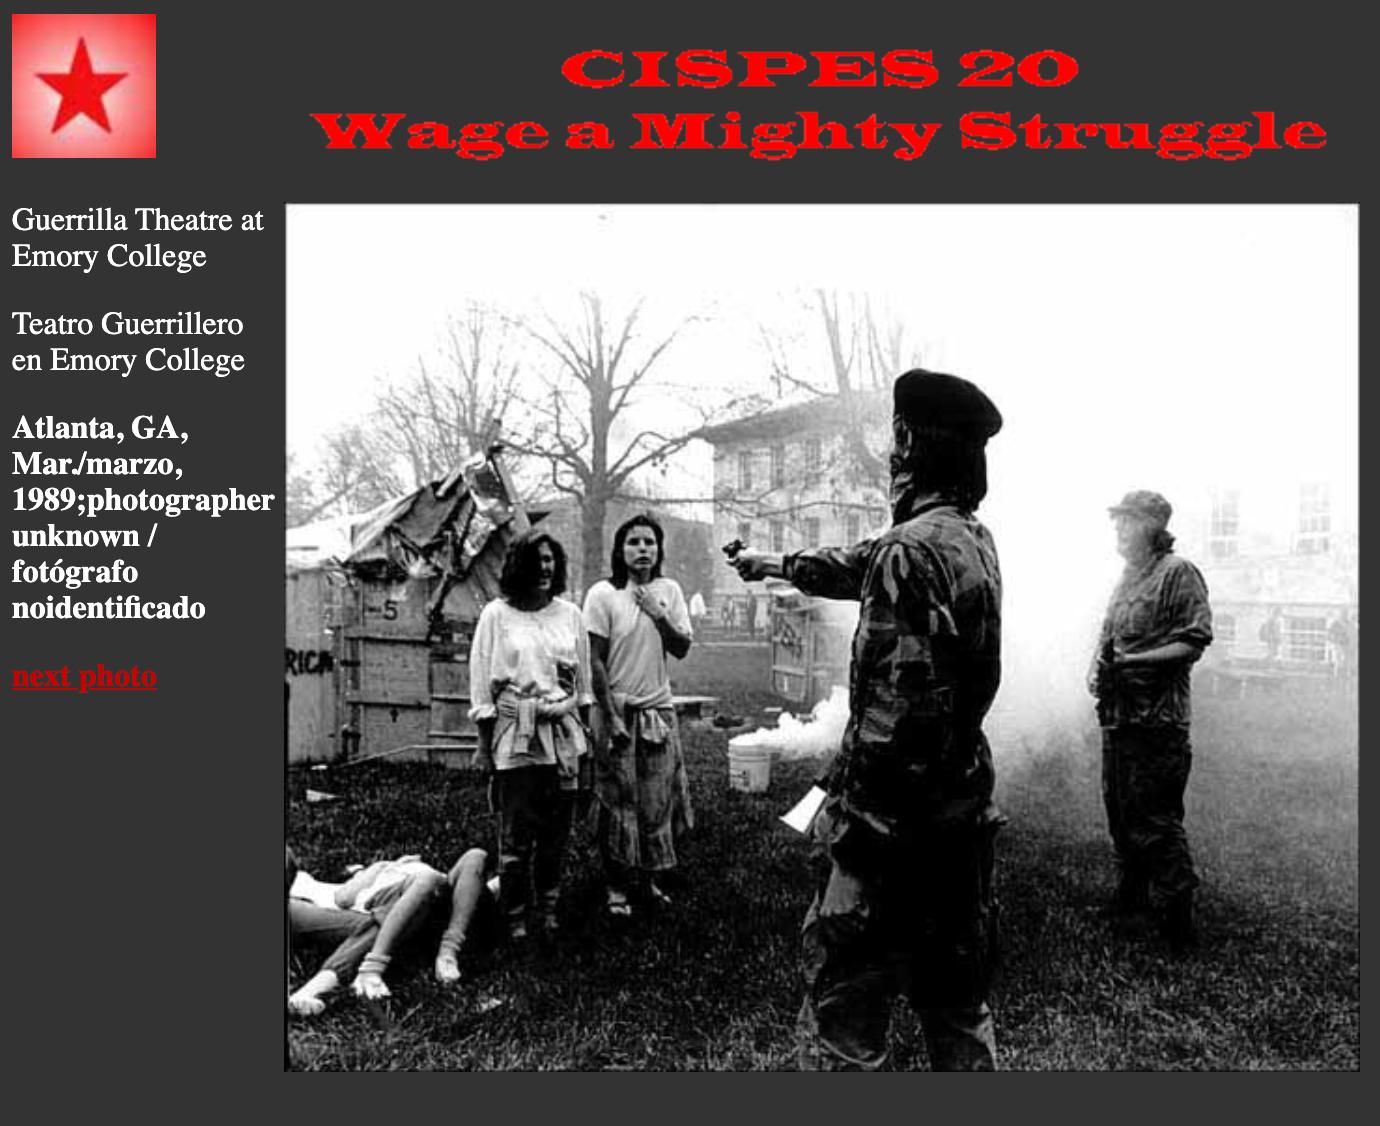 """A kép a CISPES, a Szolidaritási Bizottság Salvador népével weboldalán is megtalálható, ahol 1989 márciusában készített fényképként mutatják be, mely az atlantai Emory Egyetem """"Guerrilla Theatre"""" előadásán készült."""